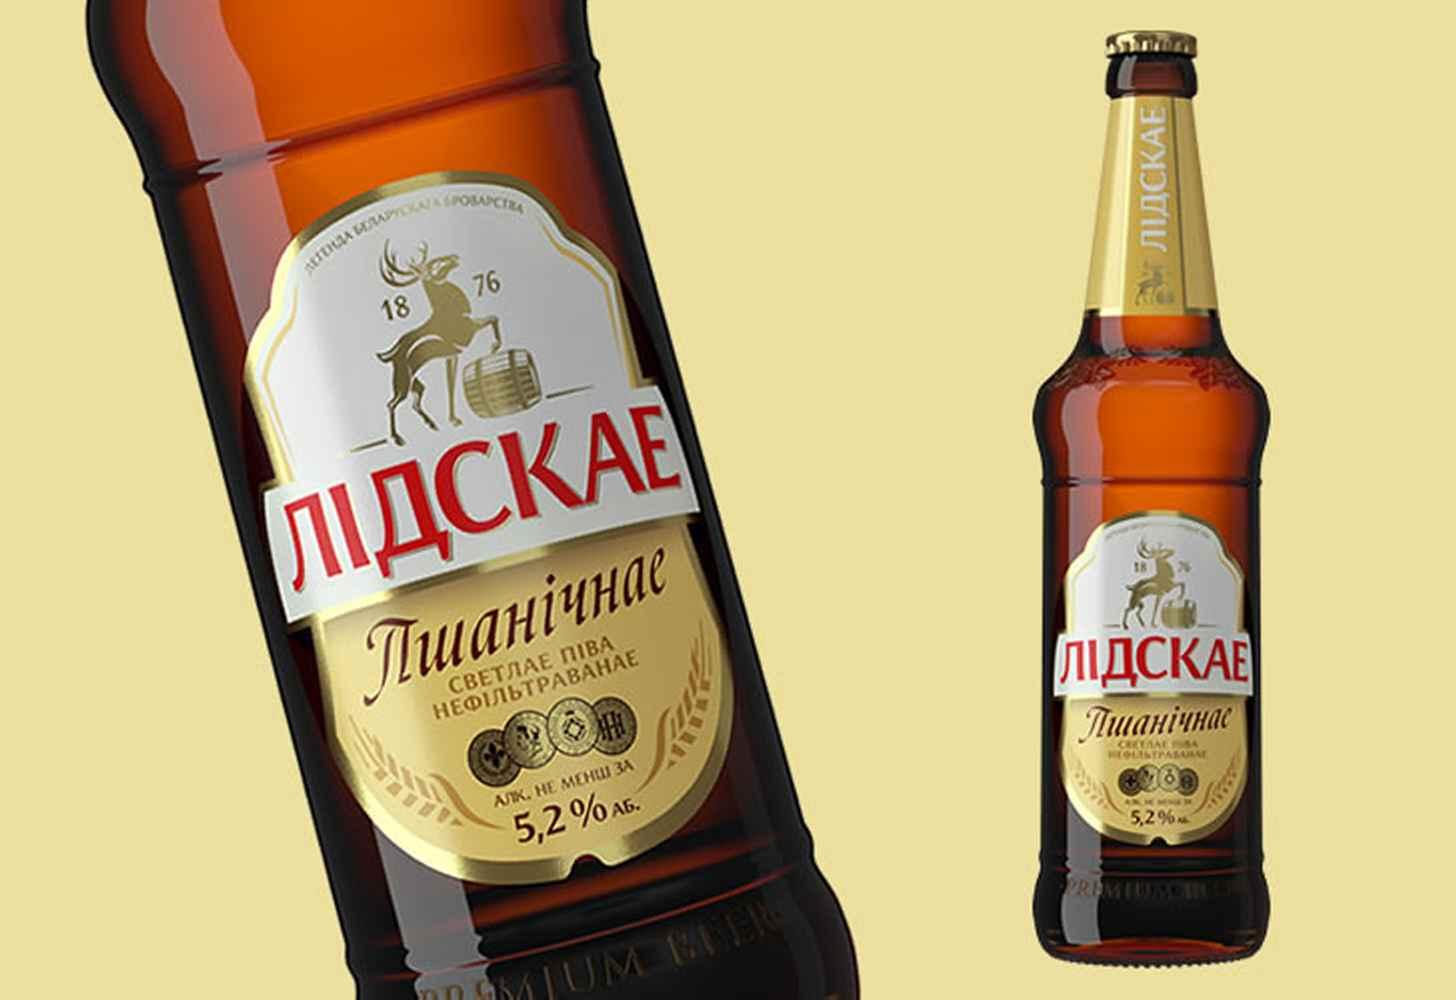 Лидское пиво официальный сайт, производство, характеристики ⛳️ алко профи